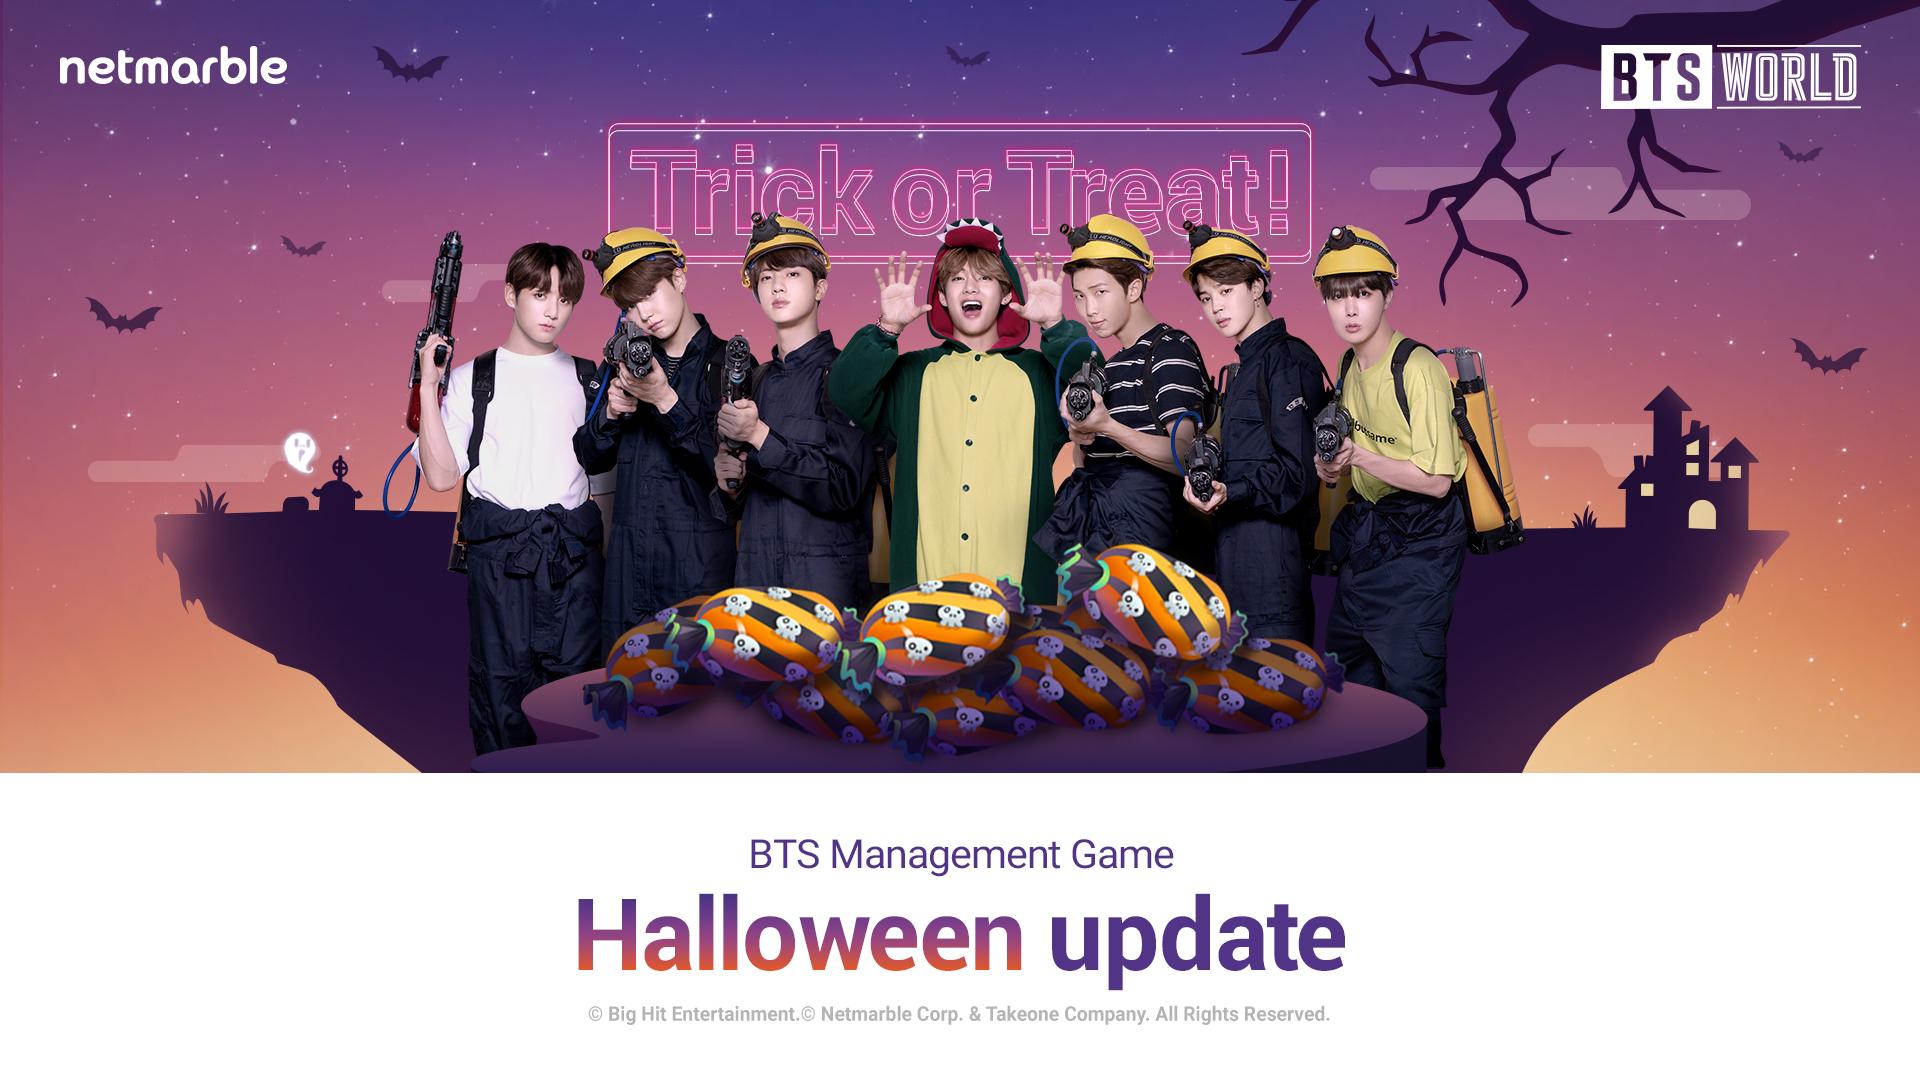 BTS WORLD Halloween Update